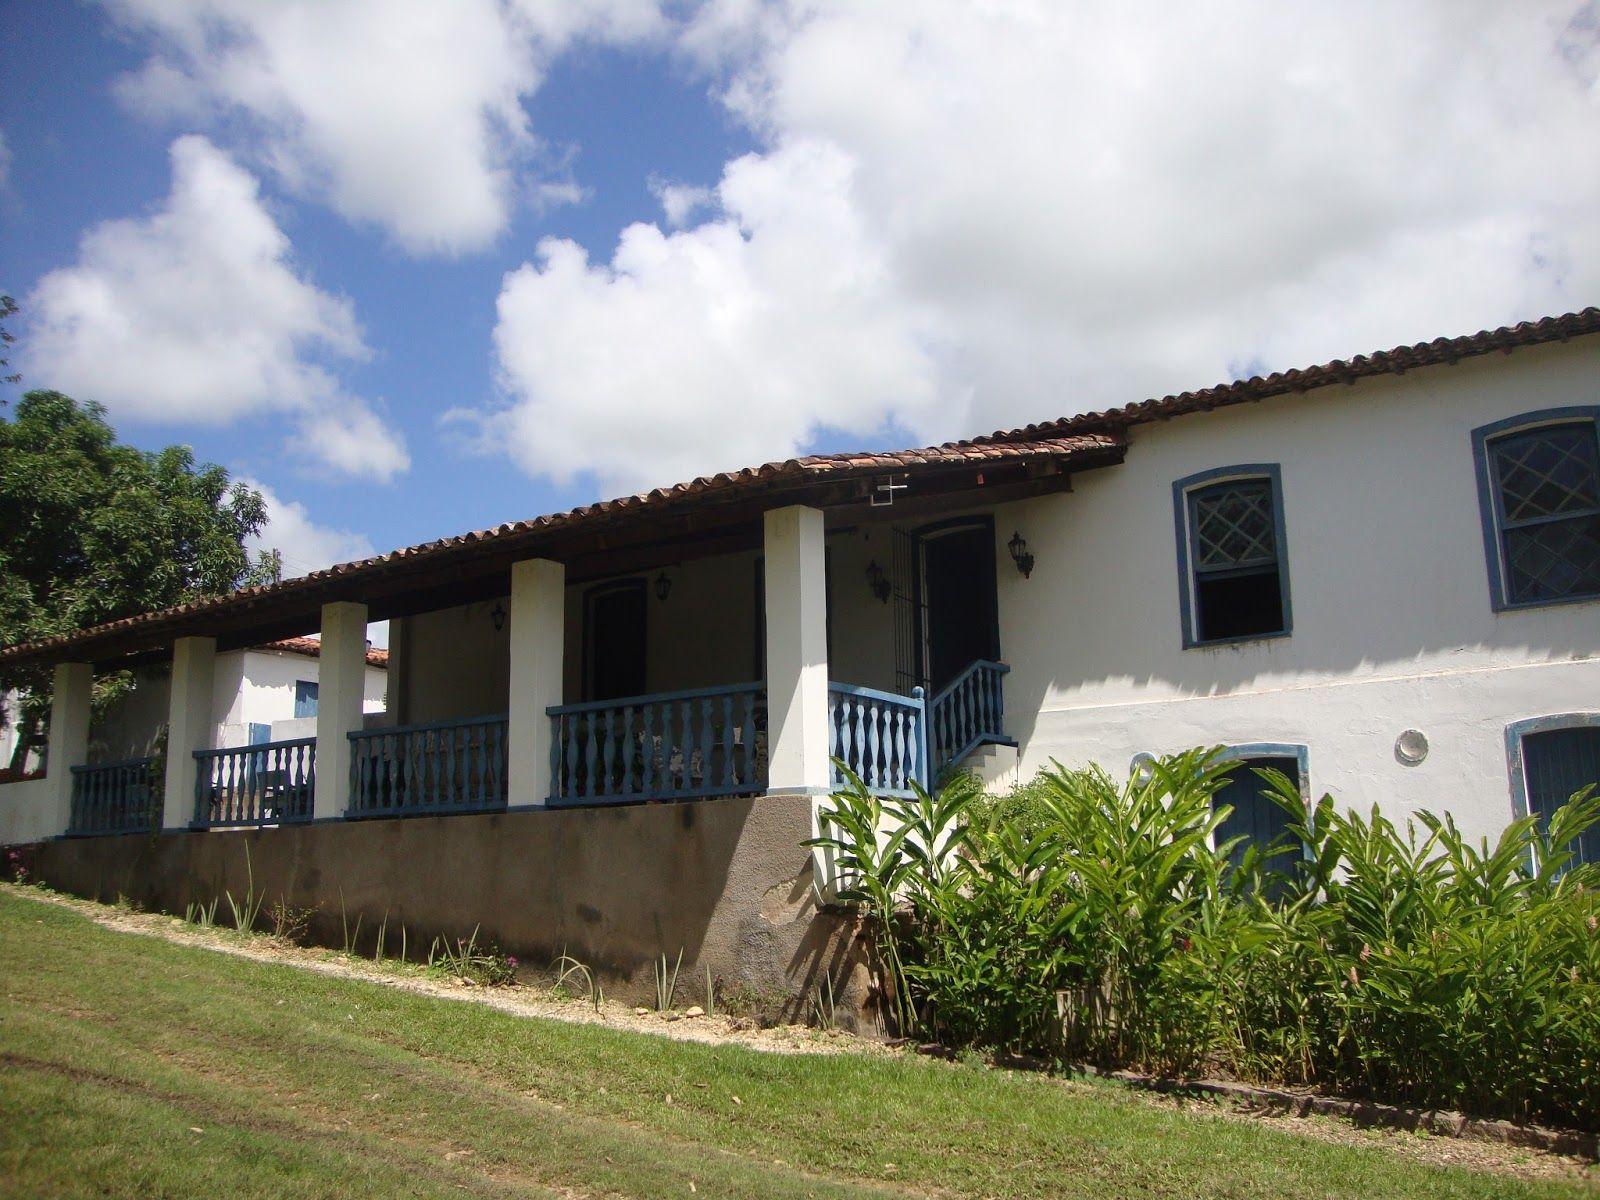 Fundo da Casa Grande do Engenho São Félix Cidade Santa Luzia do Itanhy Background of the Great House of Engenho San Félix  City of Santa Luzia Itanhy